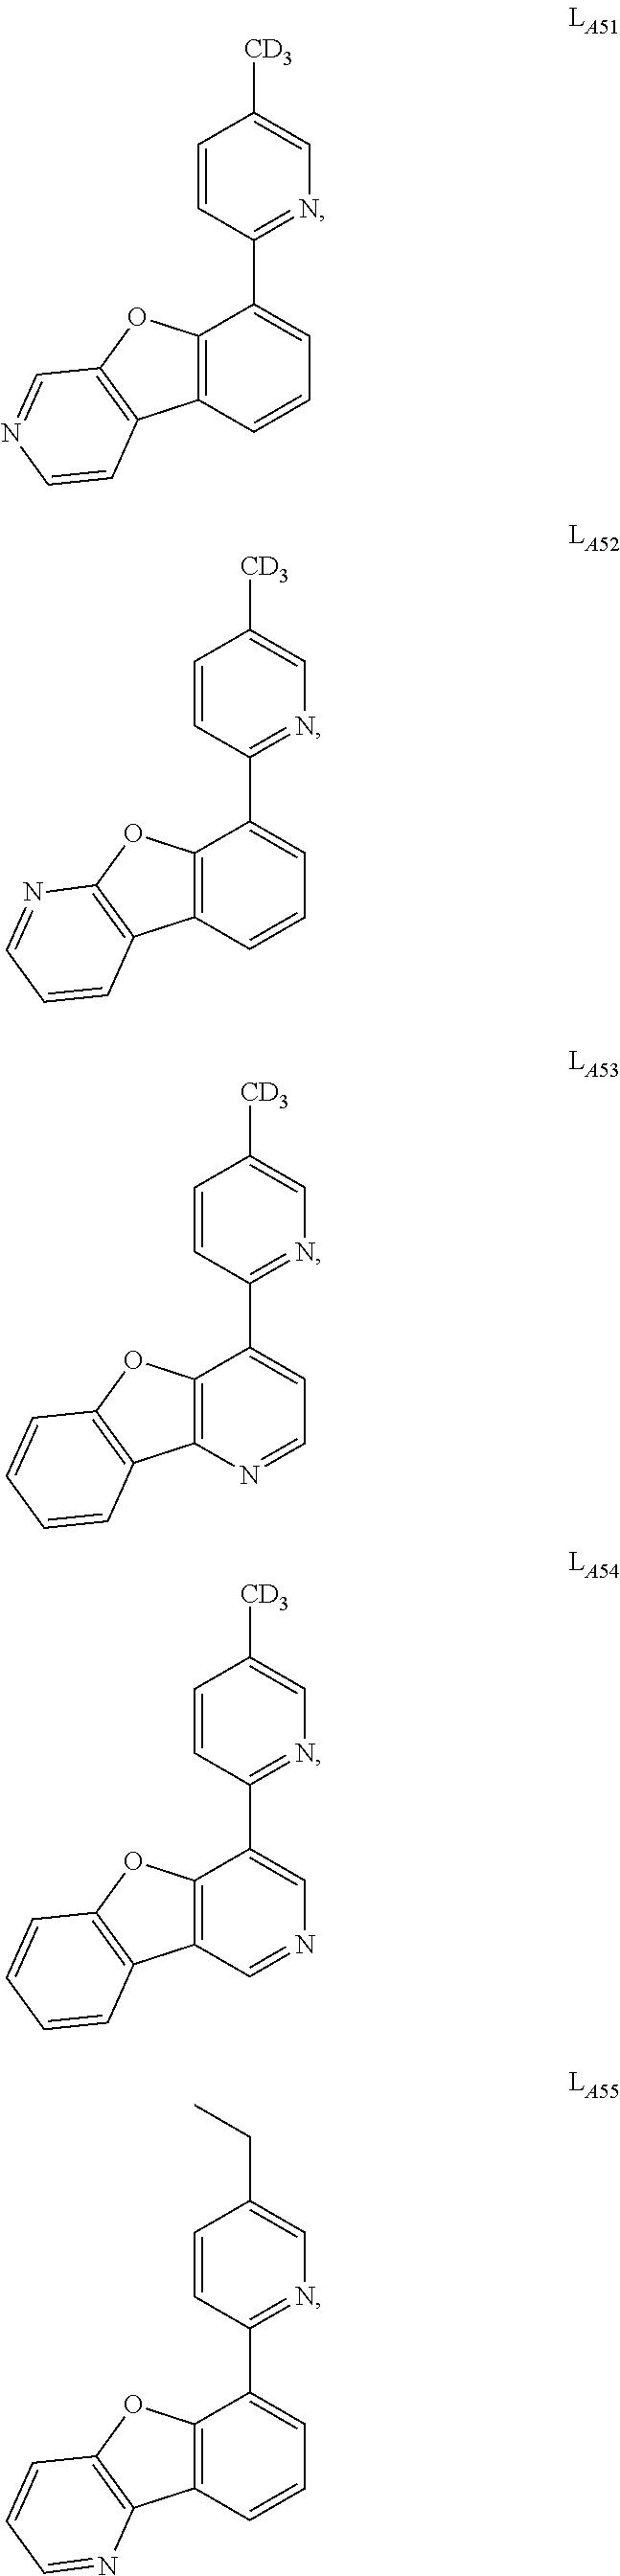 Figure US09634264-20170425-C00014